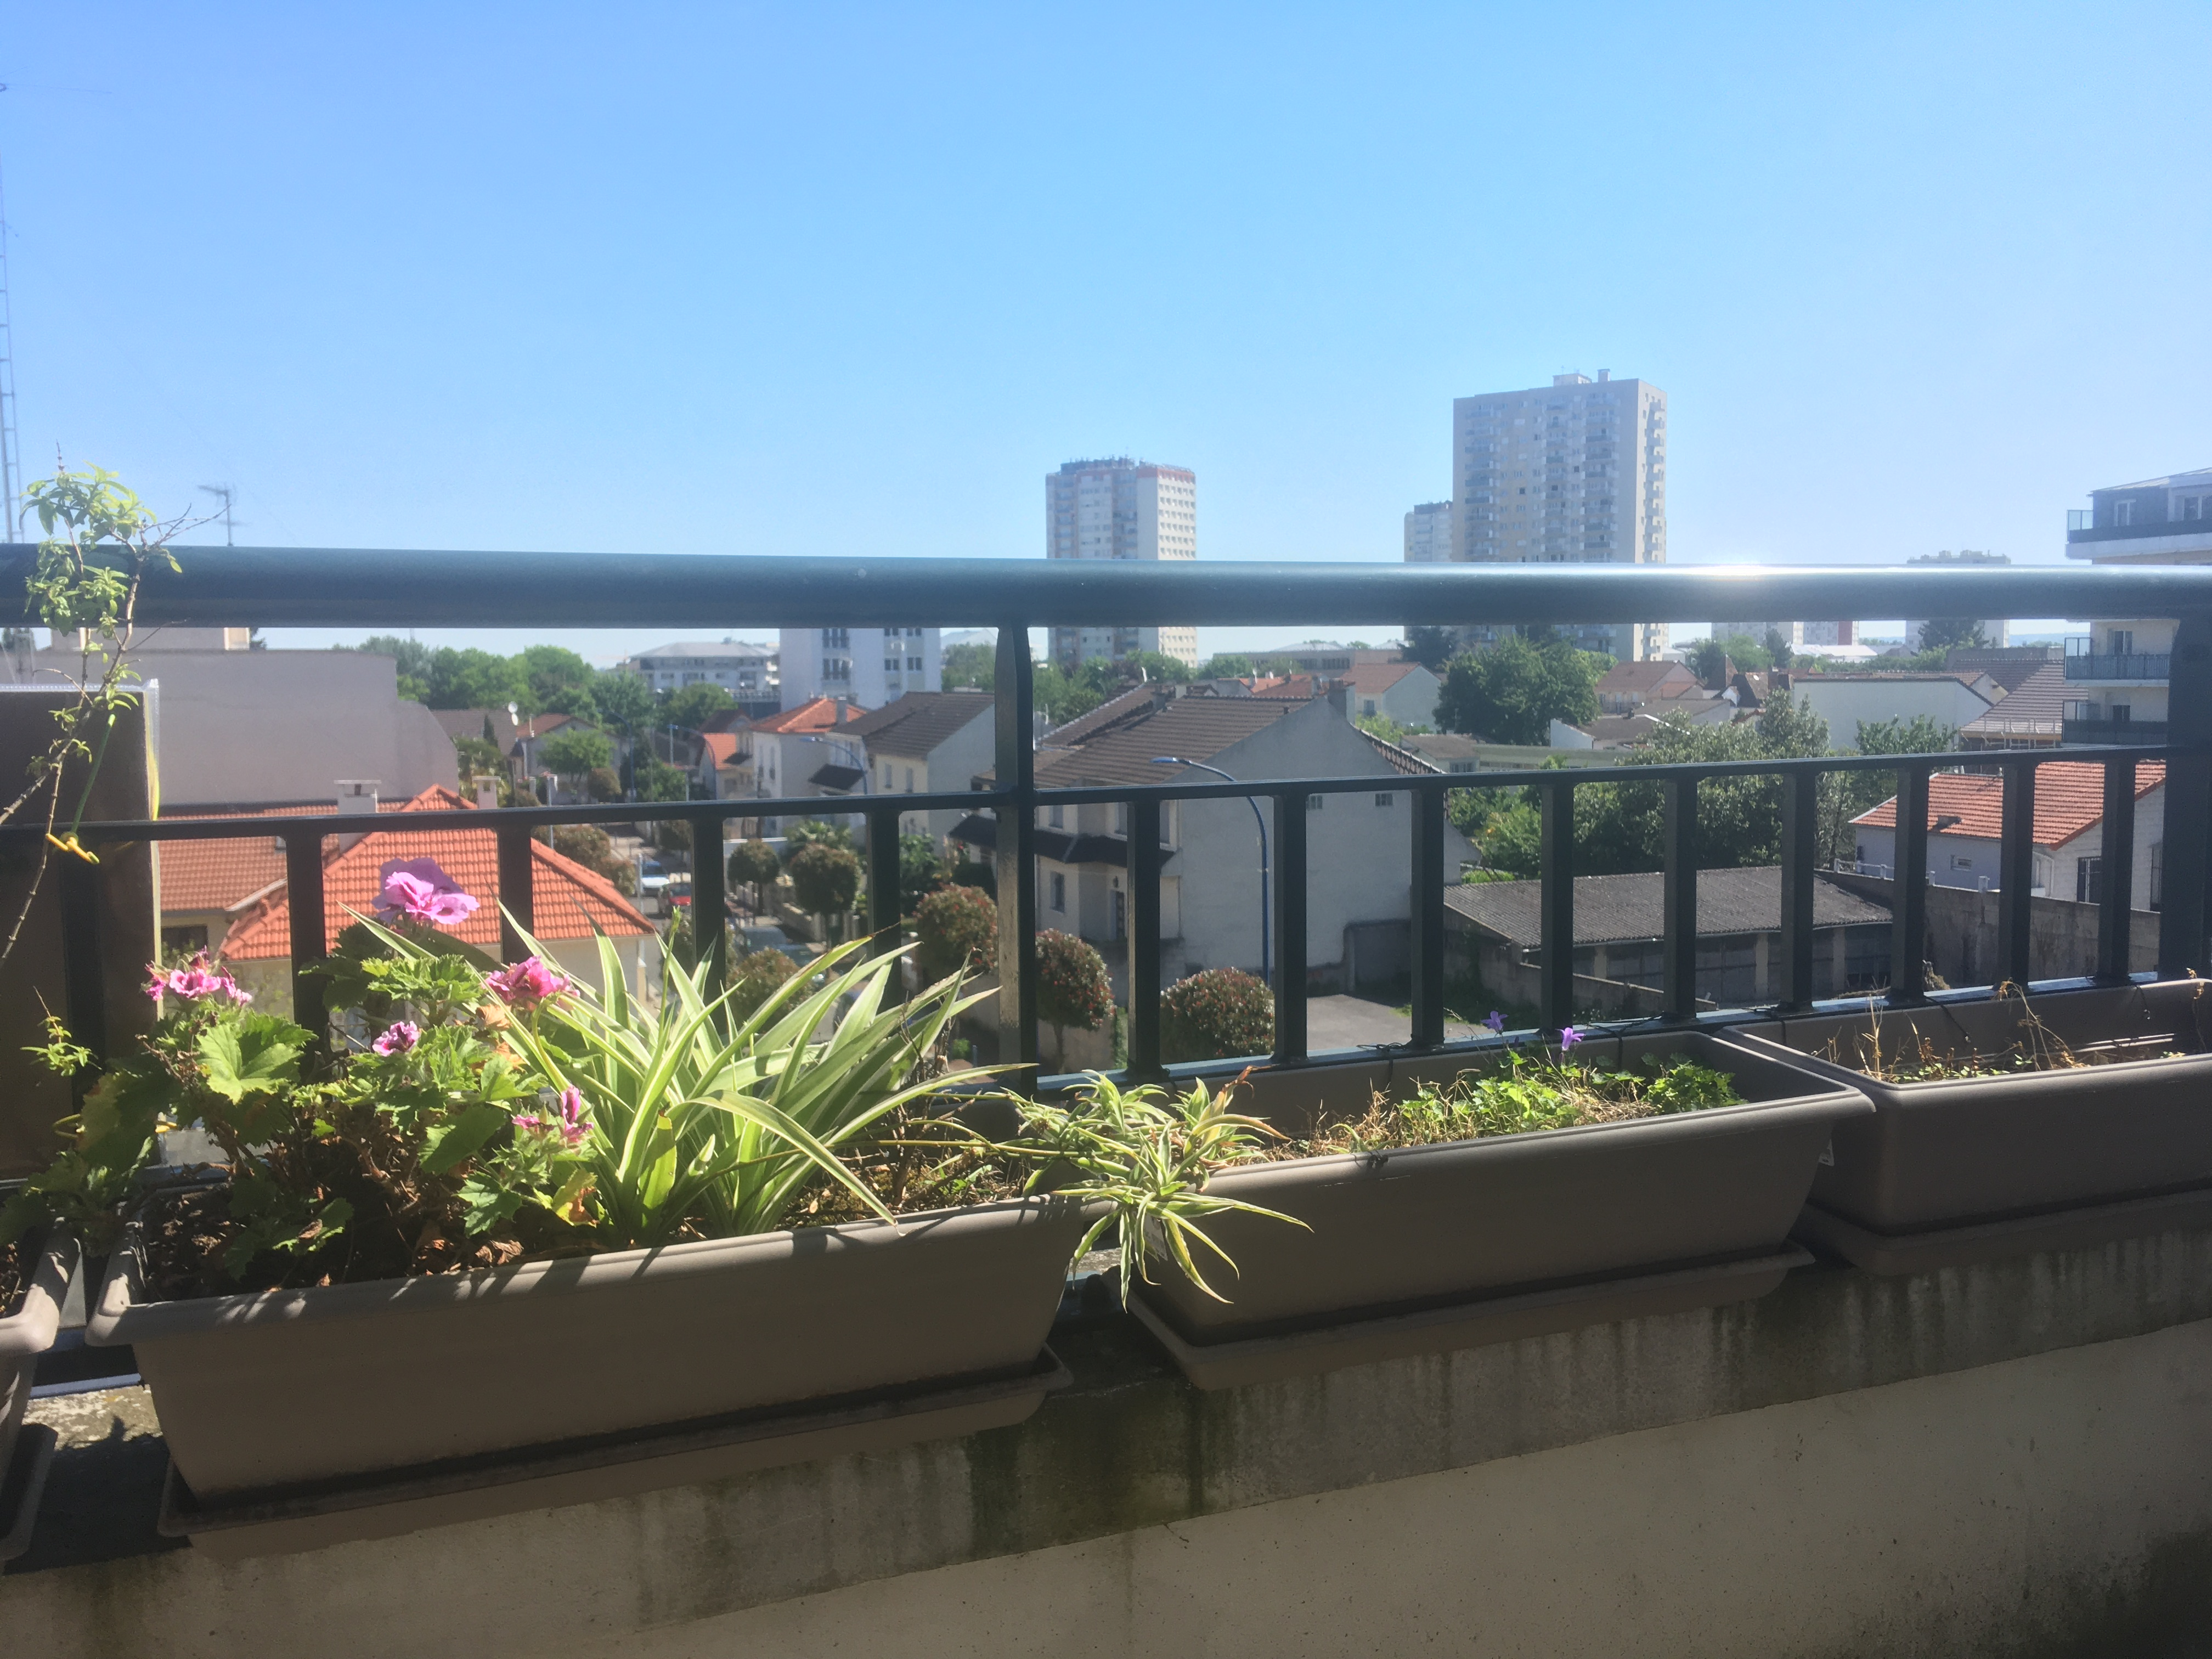 PropriLib l'agence immobilière en ligne à commission fixe vend cet appartement à Drancy